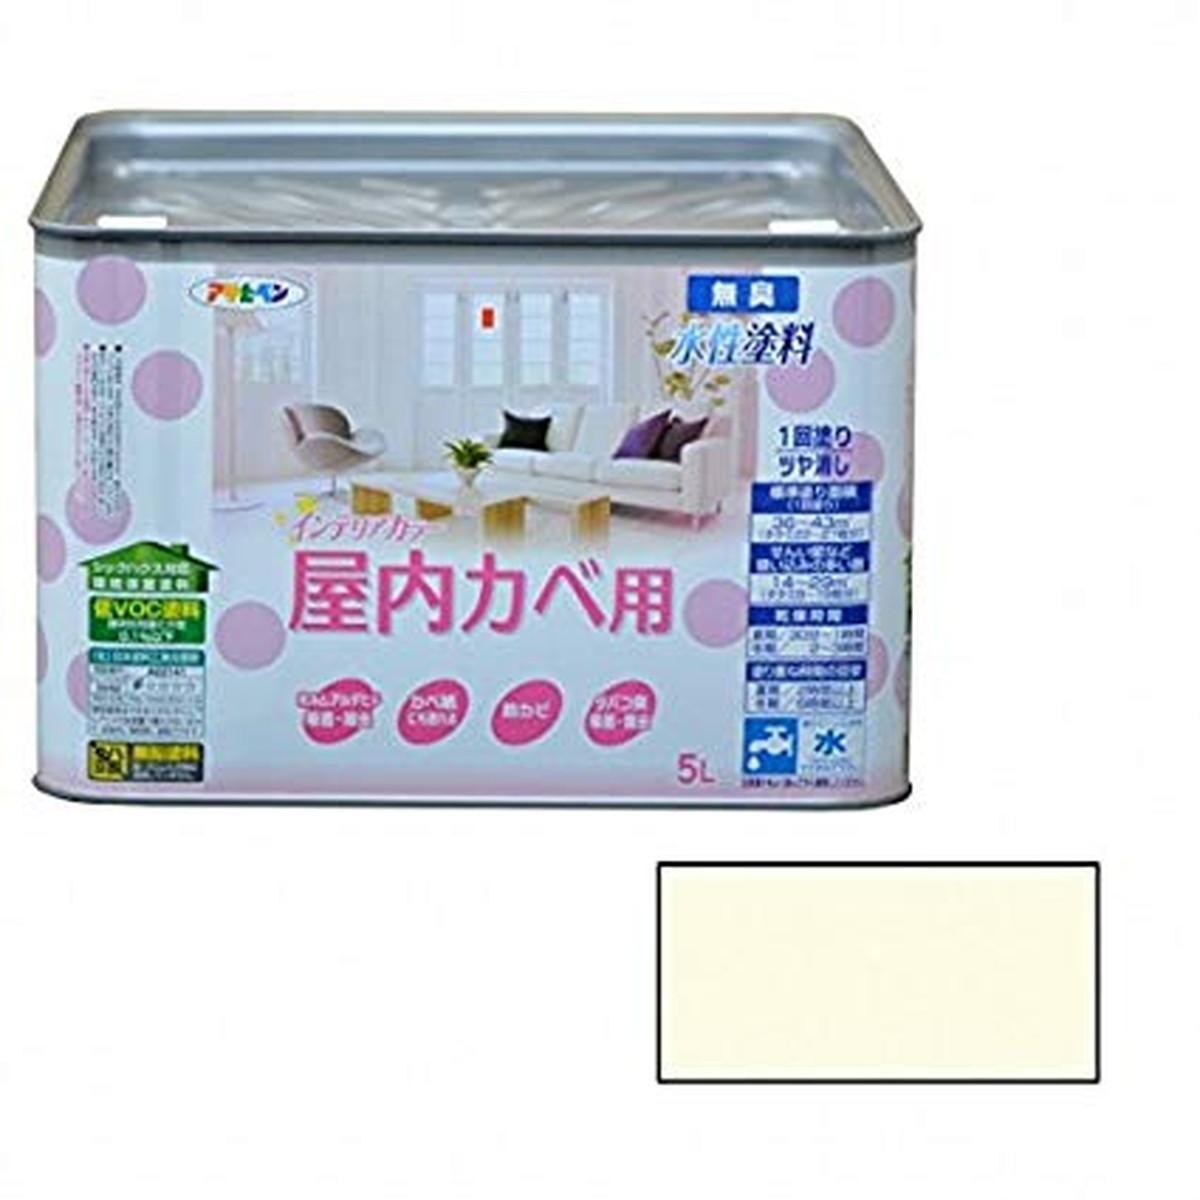 アサヒペン NEW水性インテリアカラー屋内カベ 5L アイボリー【クーポン配布中】